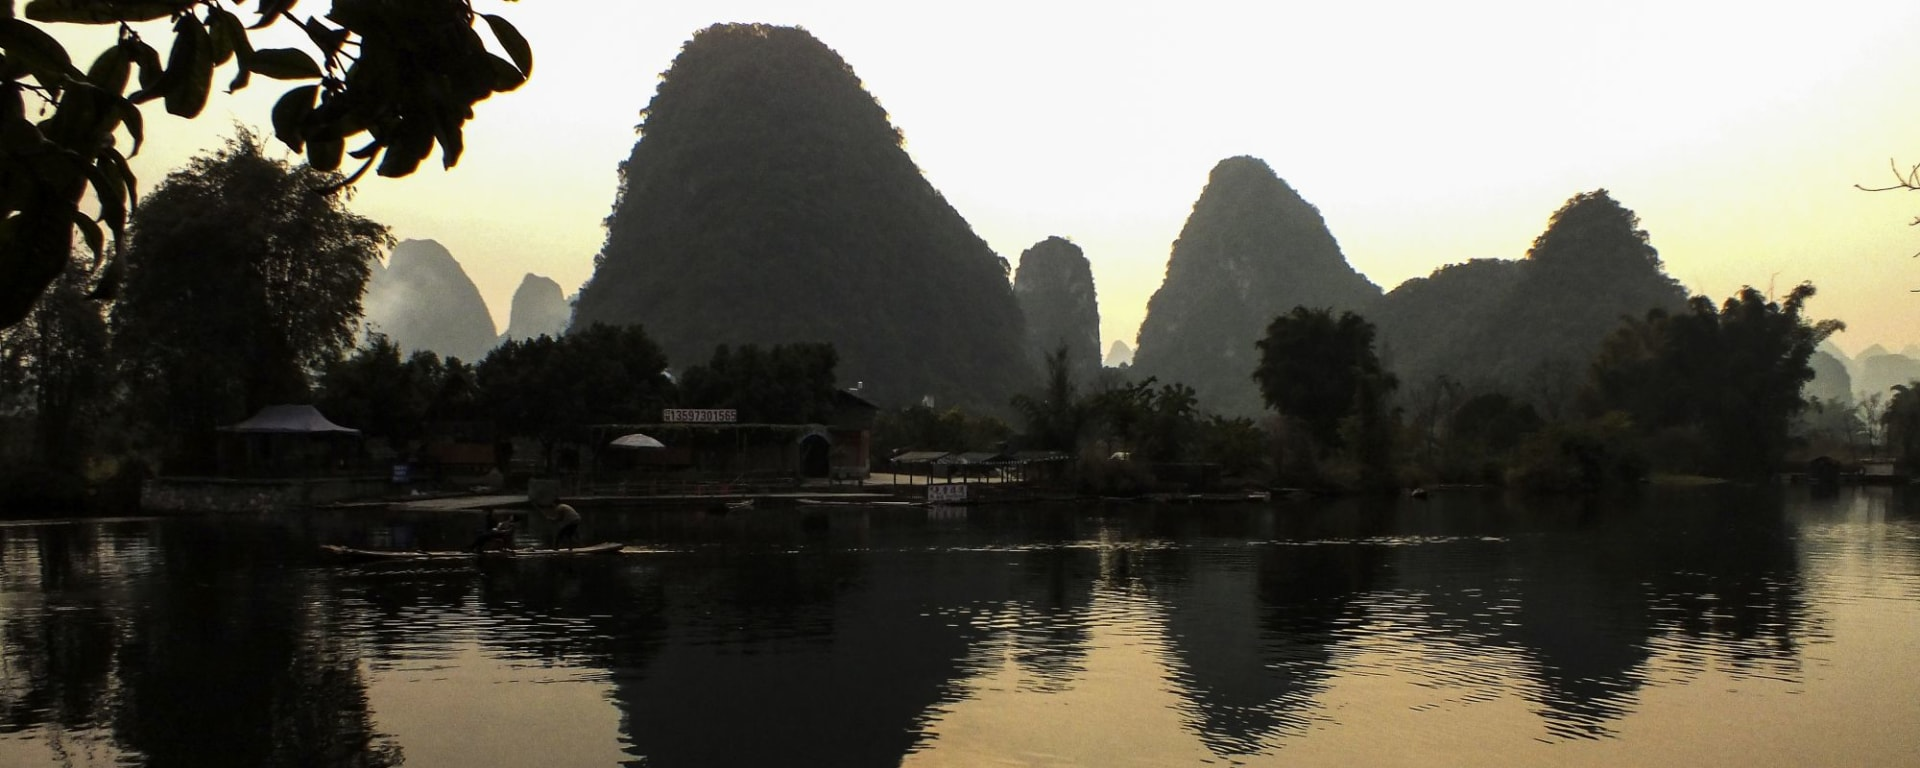 La Chine impériale avec une croisière sur le Yangtsé de Pékin: Yangshuo